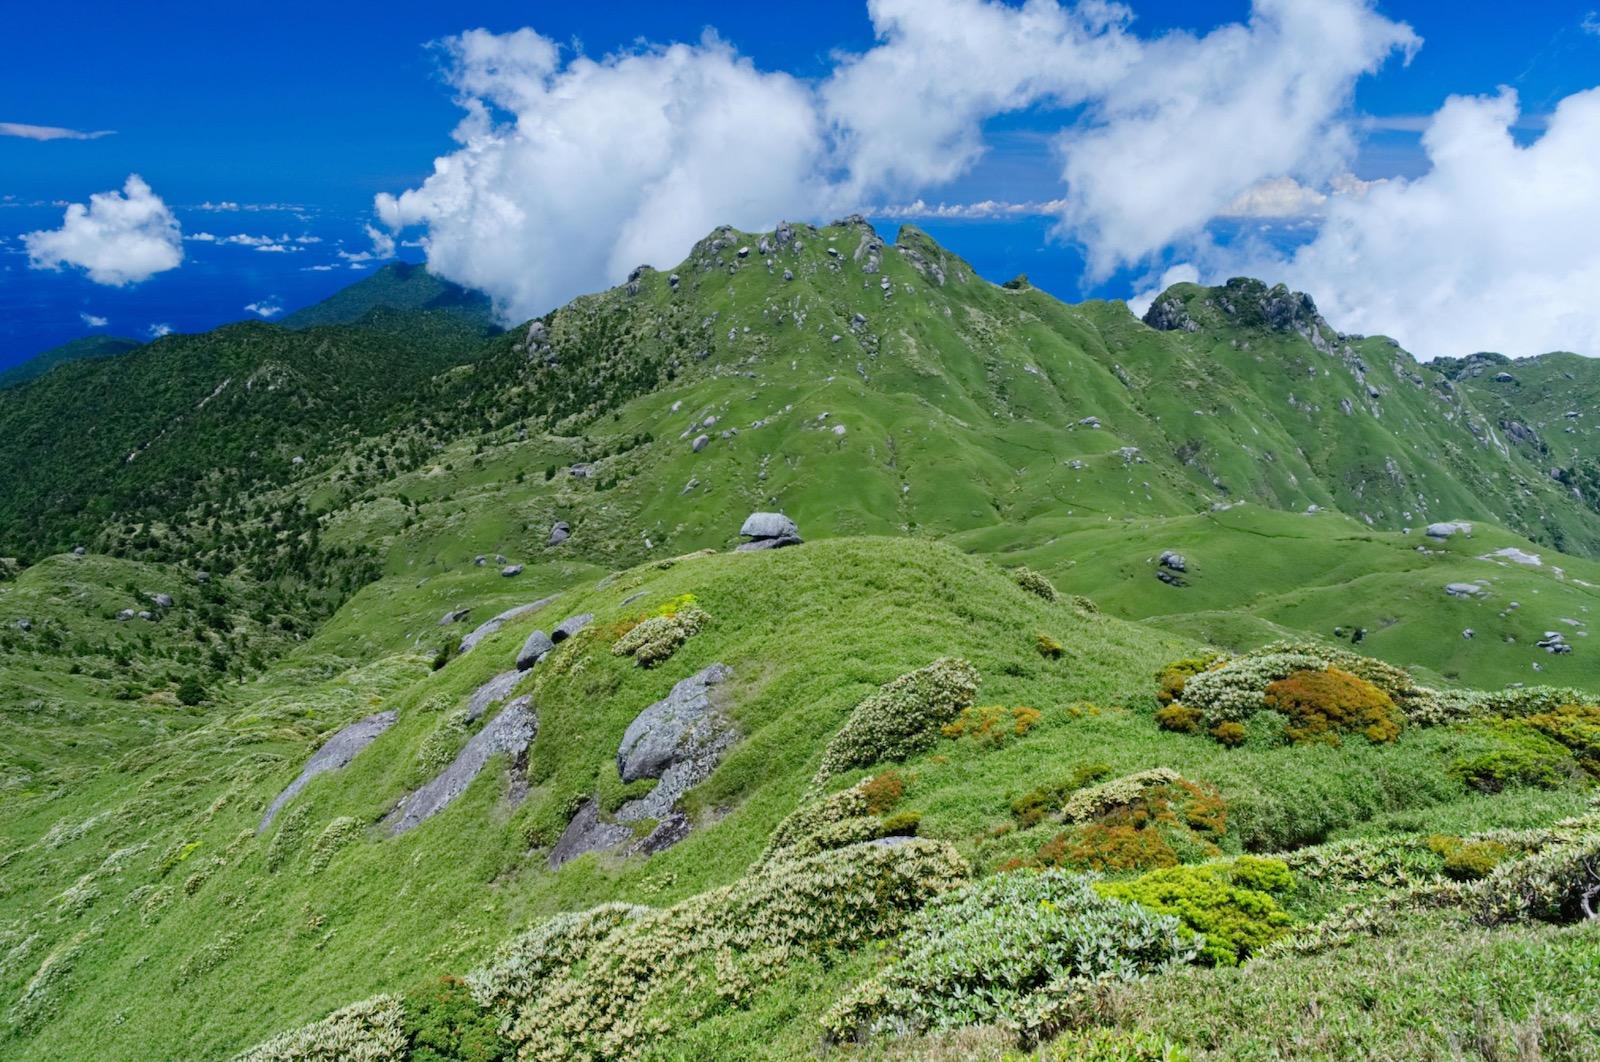 九州最高峰の宮之浦岳山頂からの風景。